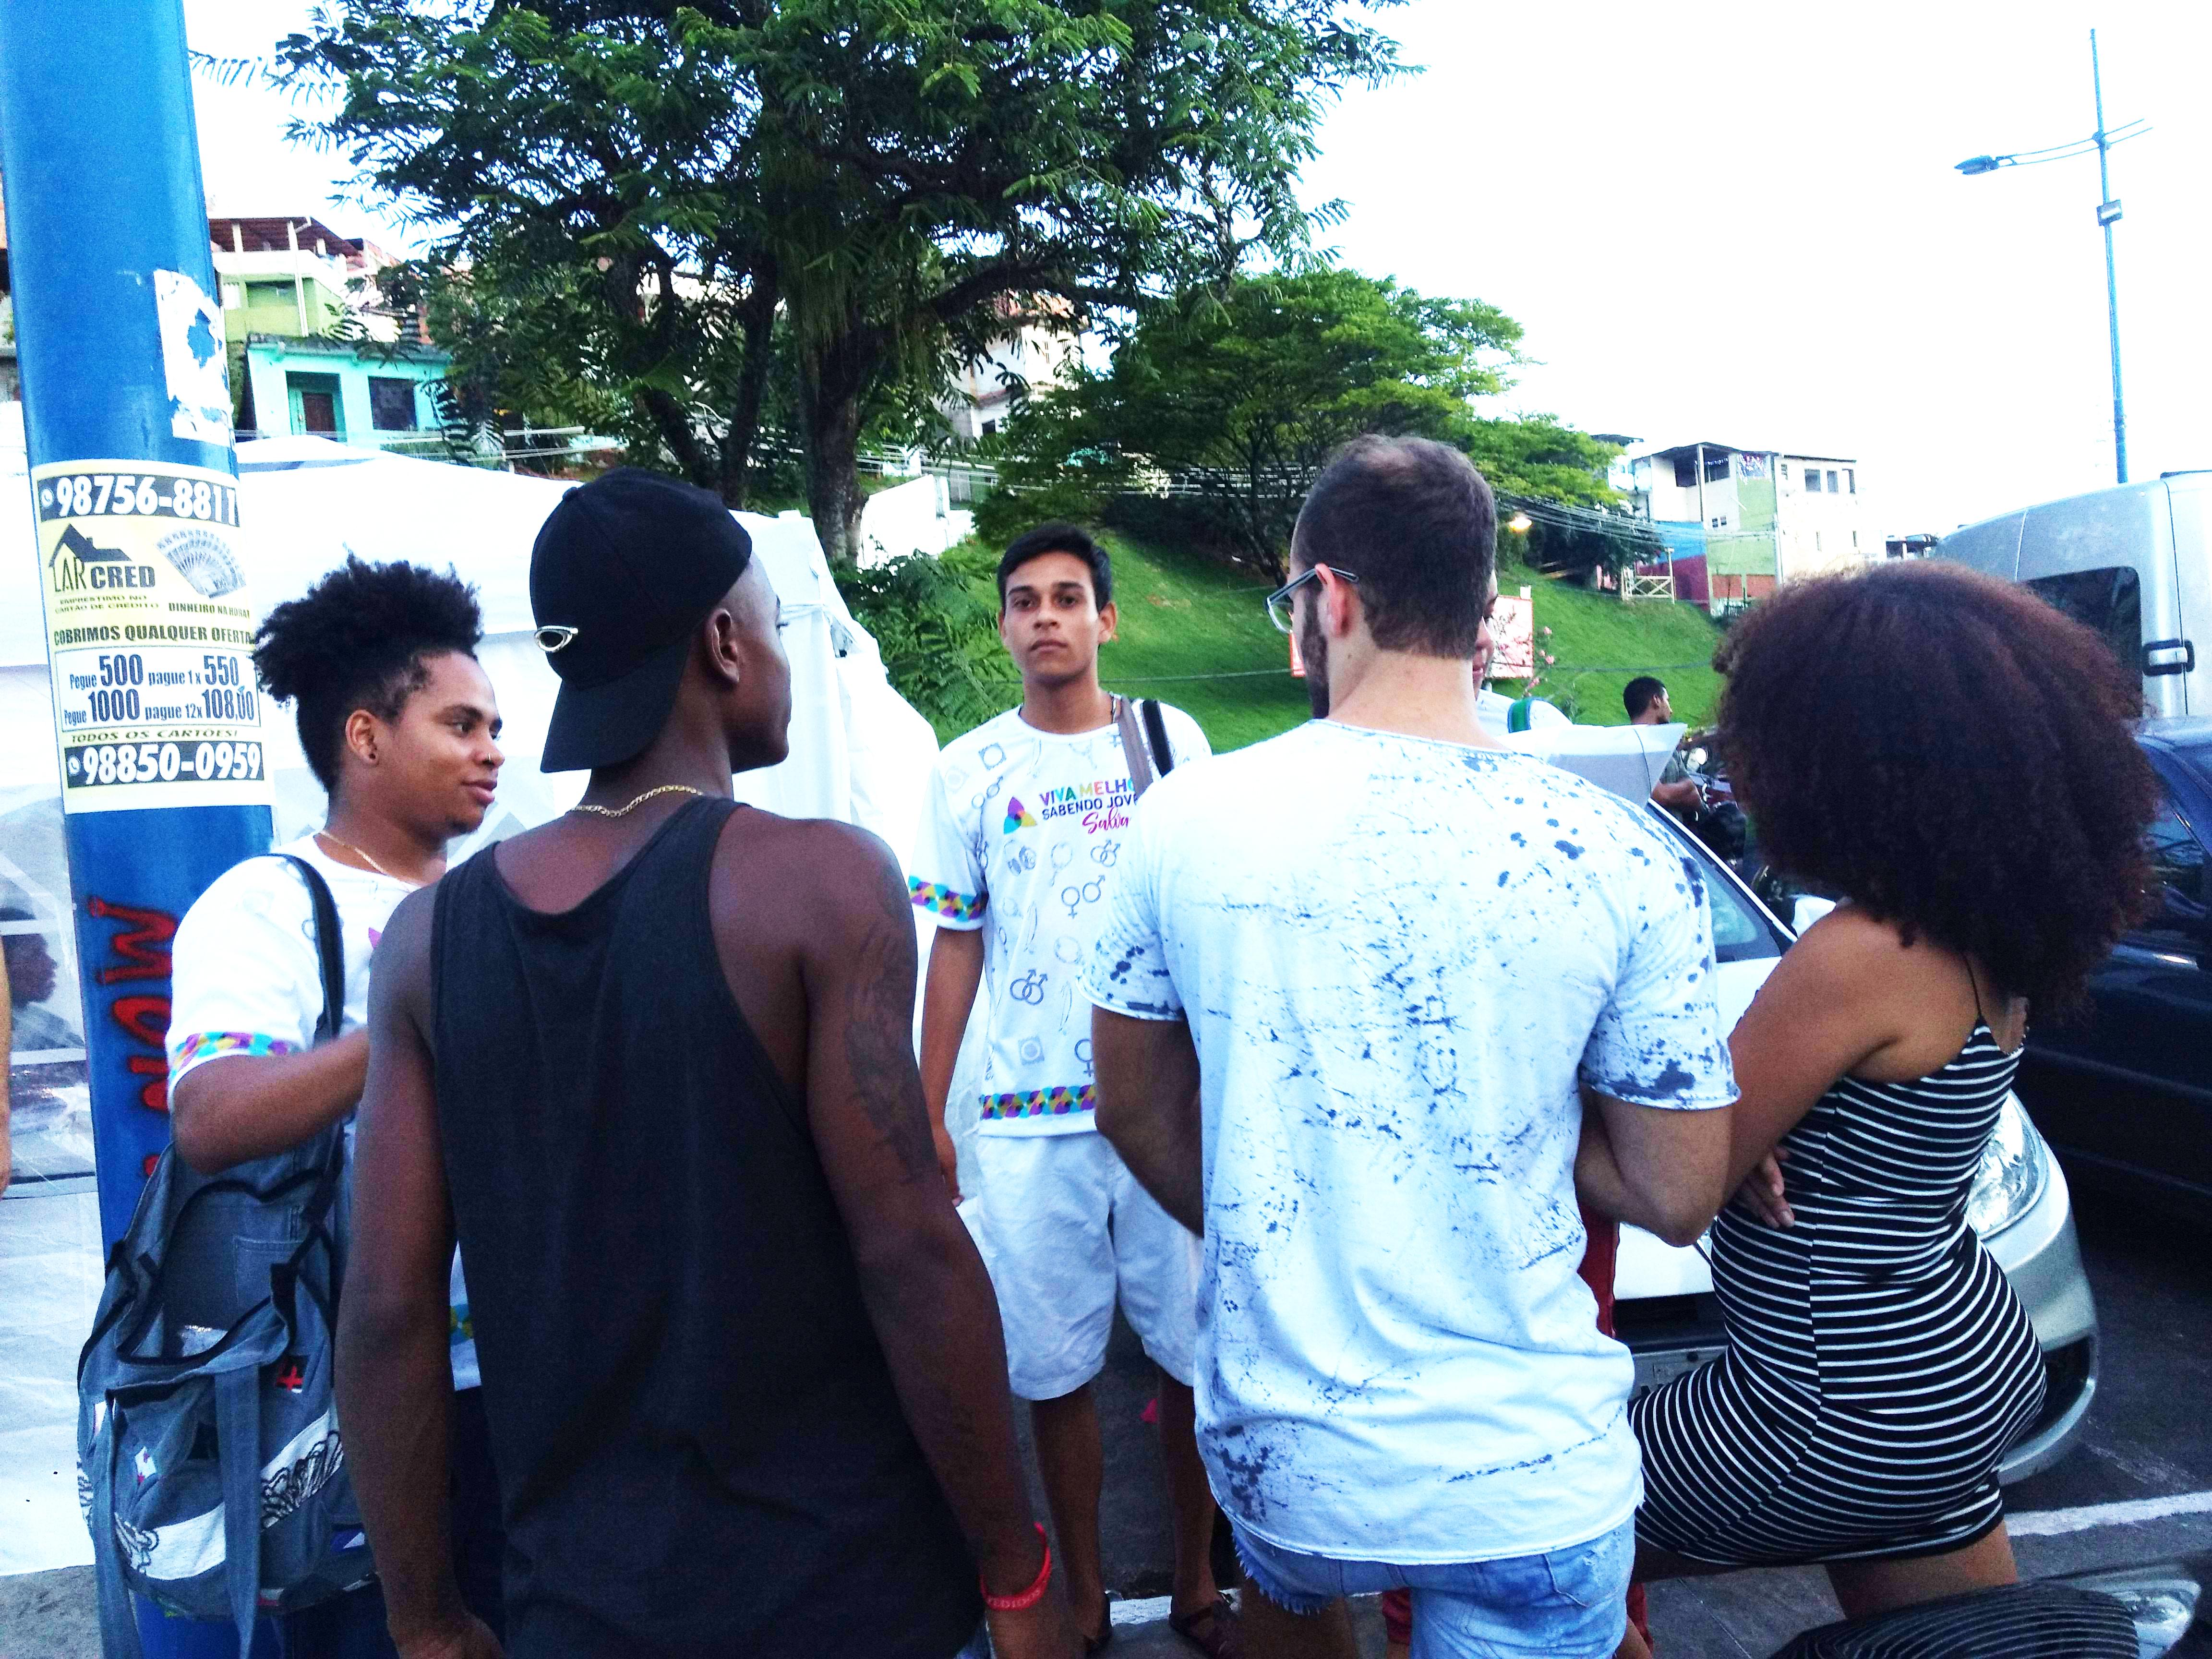 As novas infecções por HIV no Brasil aumentaram mais de 20% entre 2010 e 2018. Por isso, é essencial que jovens sejam capacitados para conversar sobre HIV.